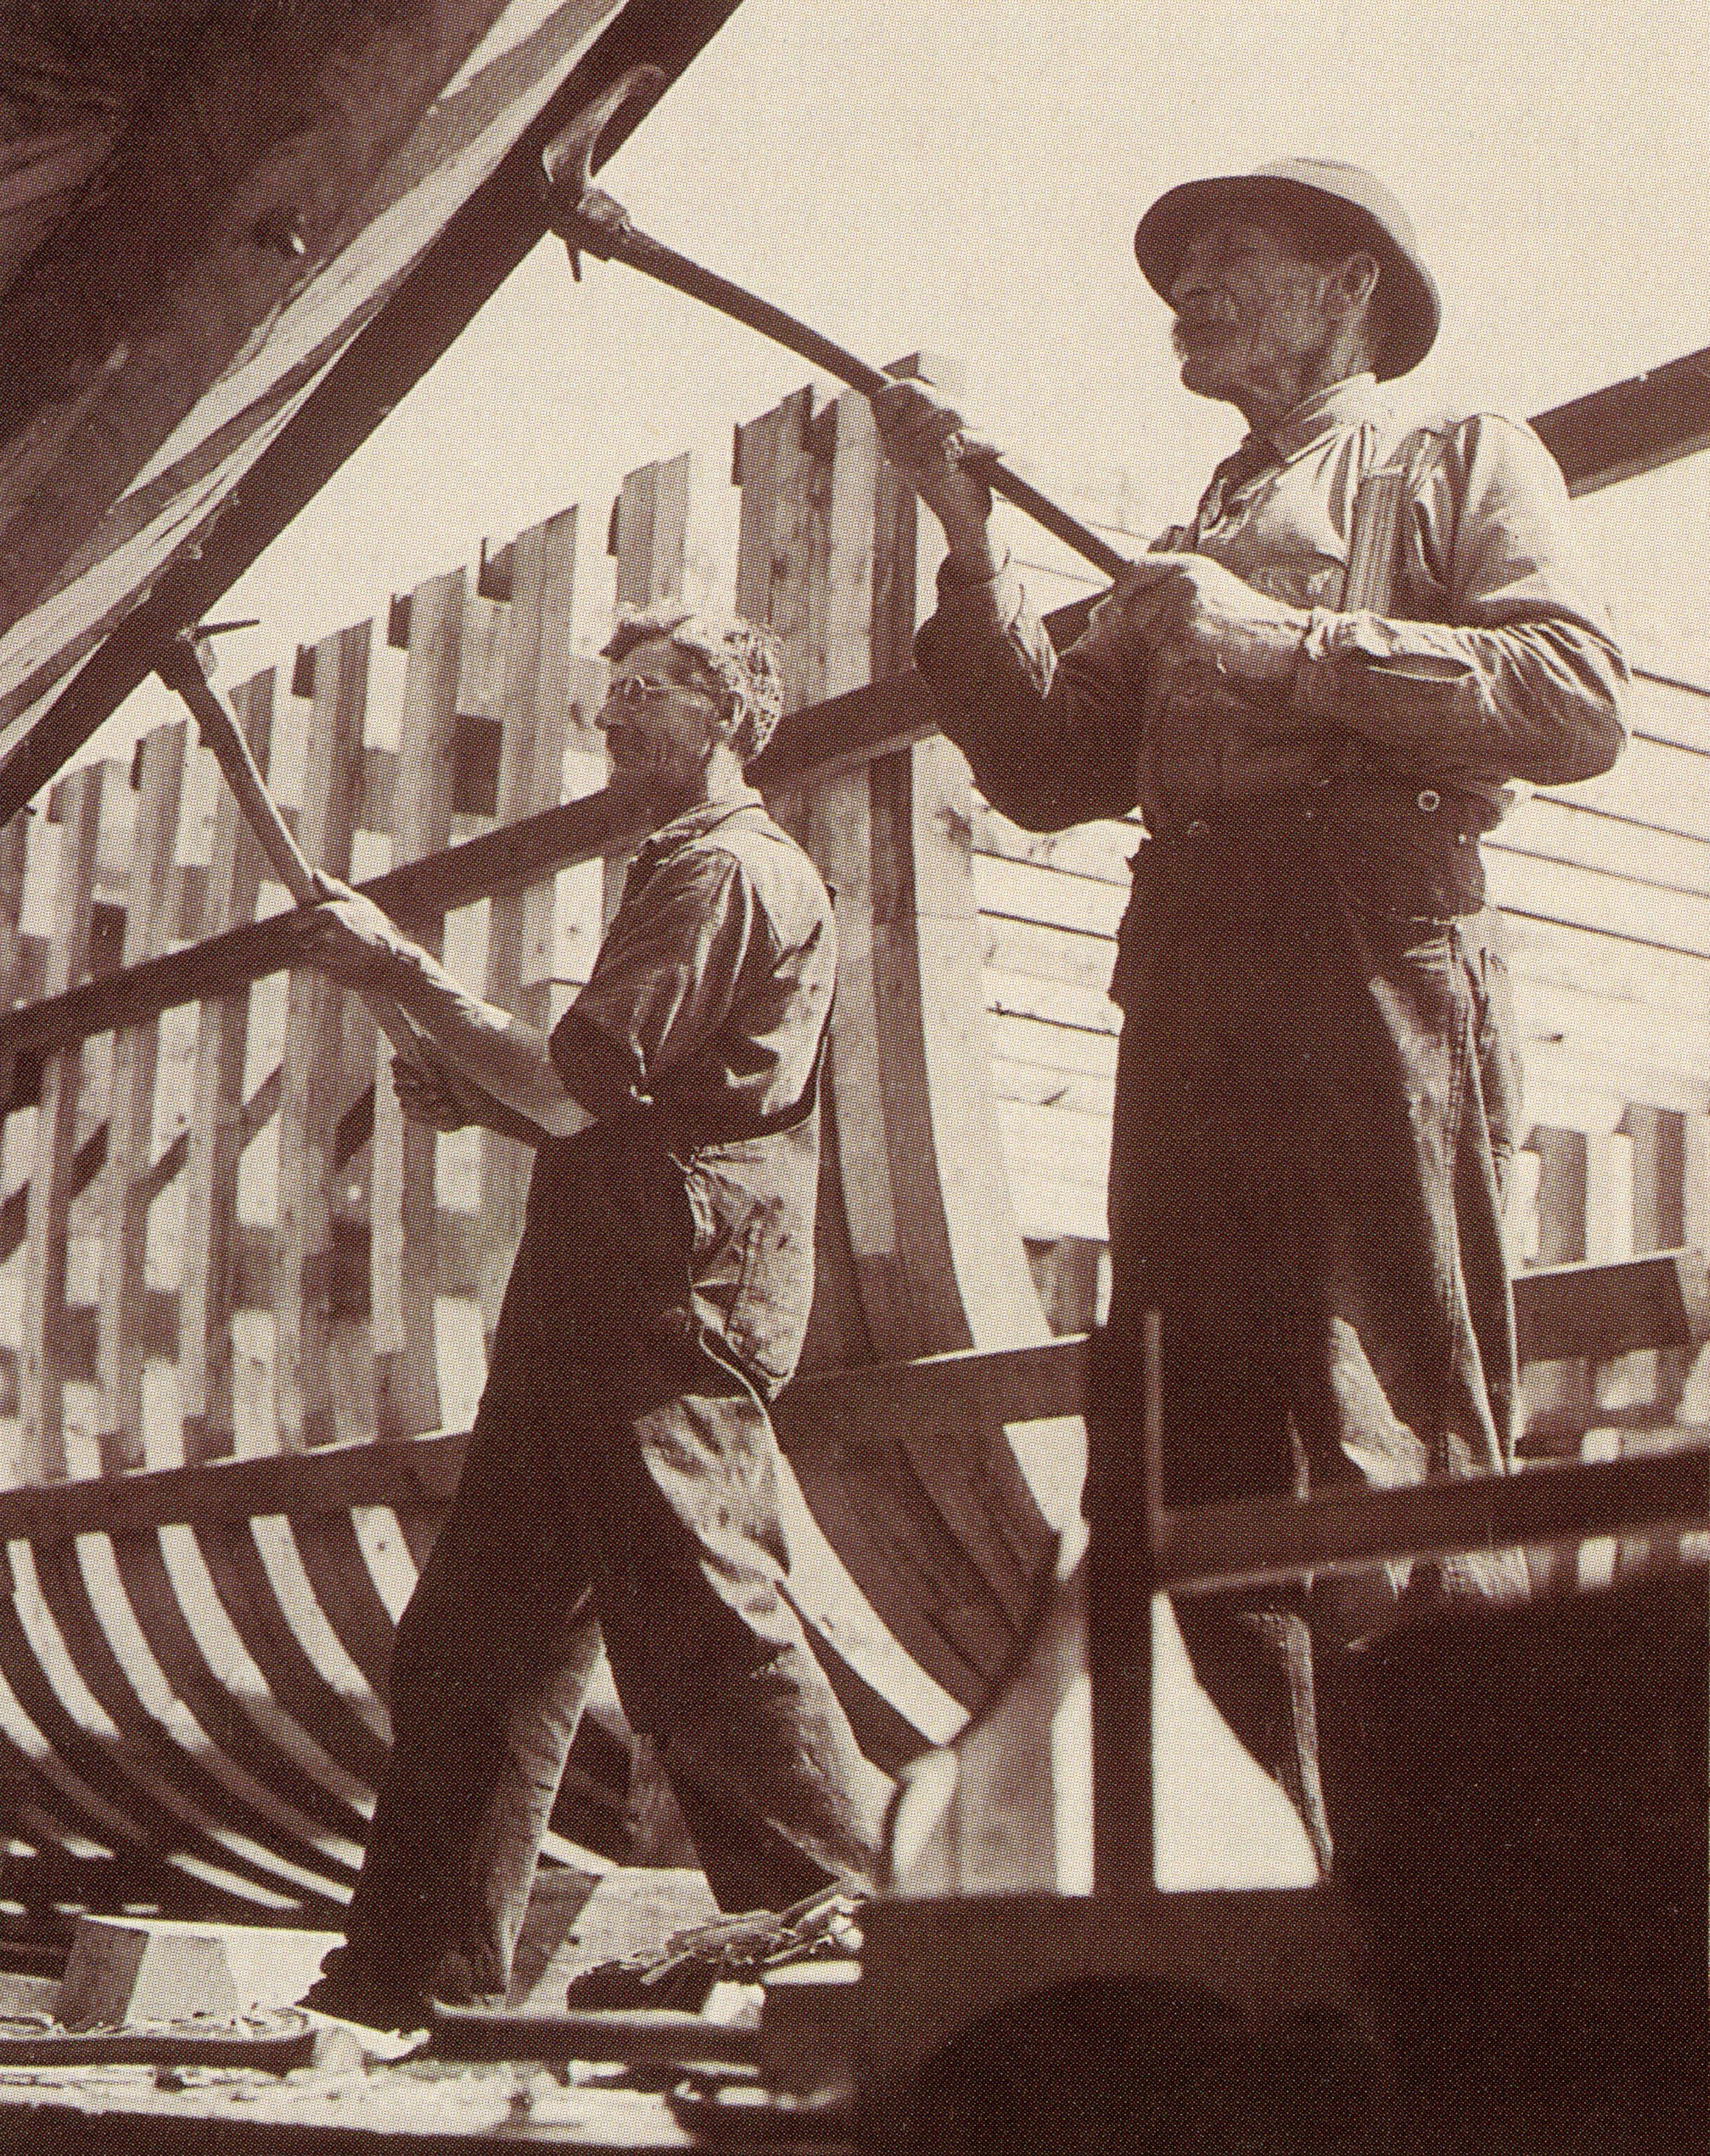 Travailleurs au chantier, construction de balayeurs de mines, 1942 © Parc maritime de Saint-Laurent